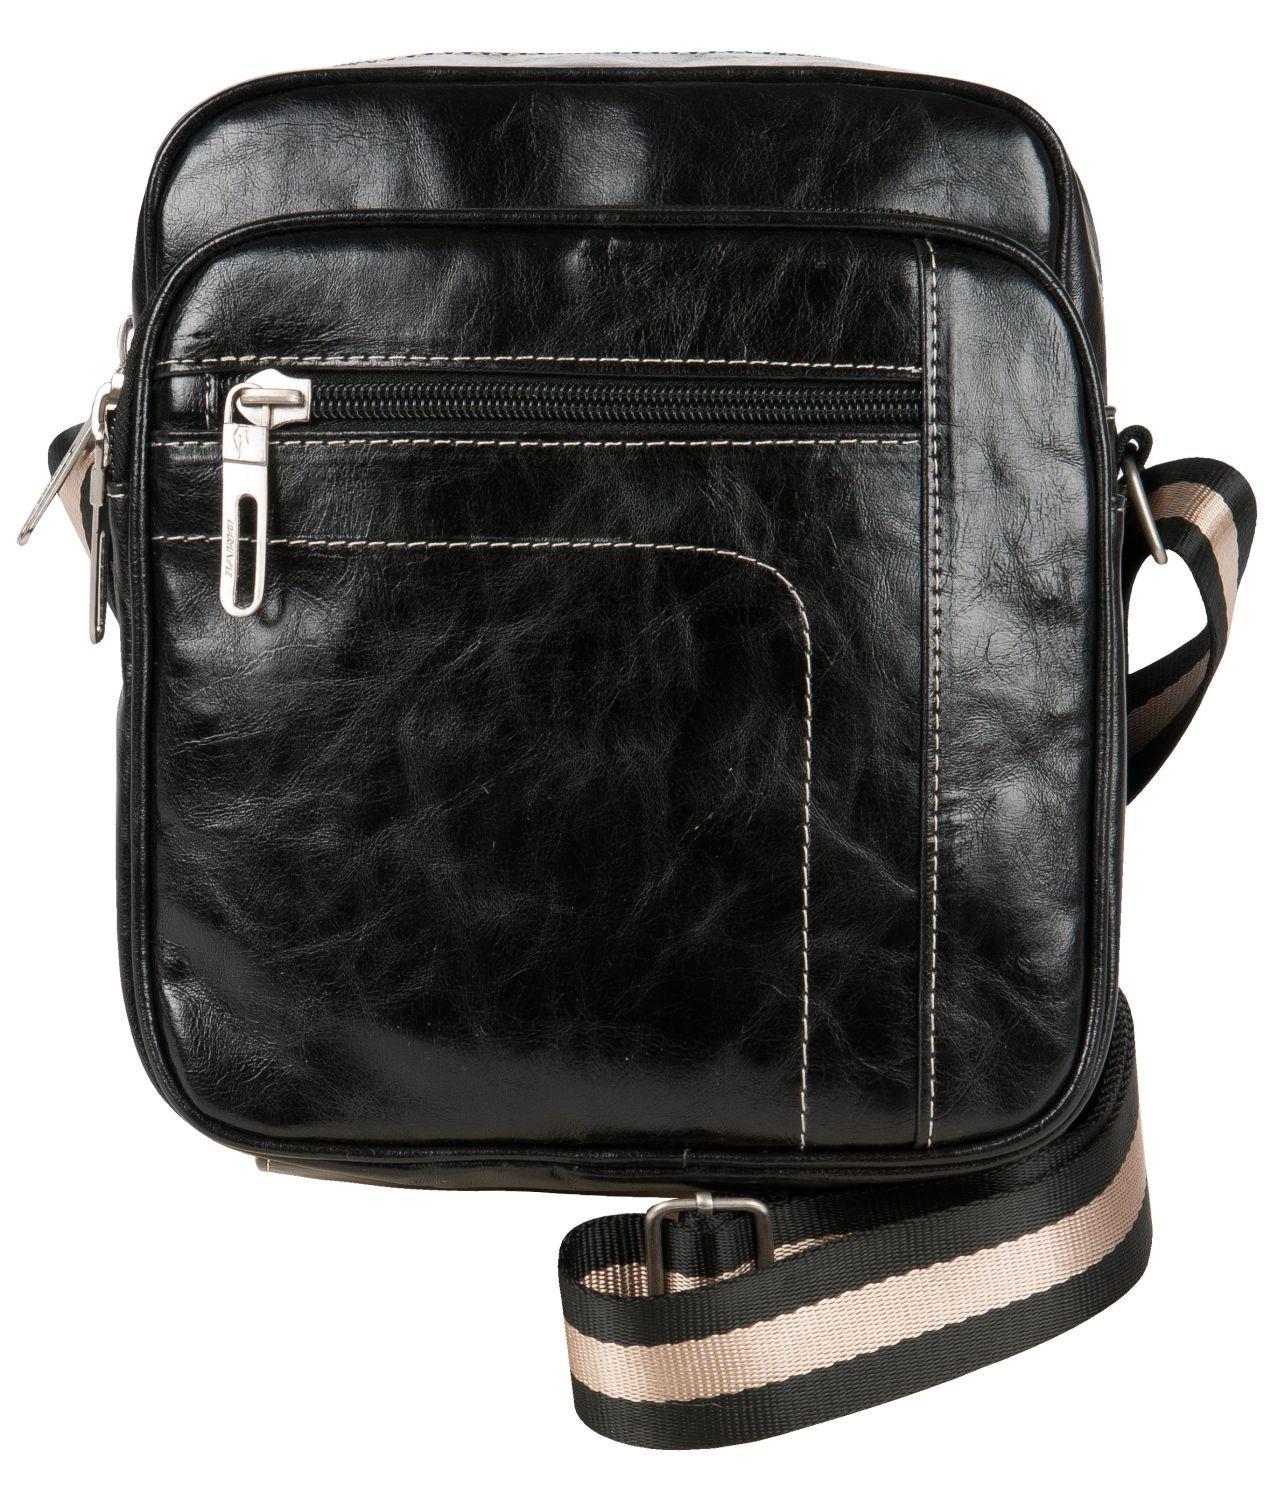 ba00295b605e Маленькая мужская сумка - Купить мужскую маленькую сумку